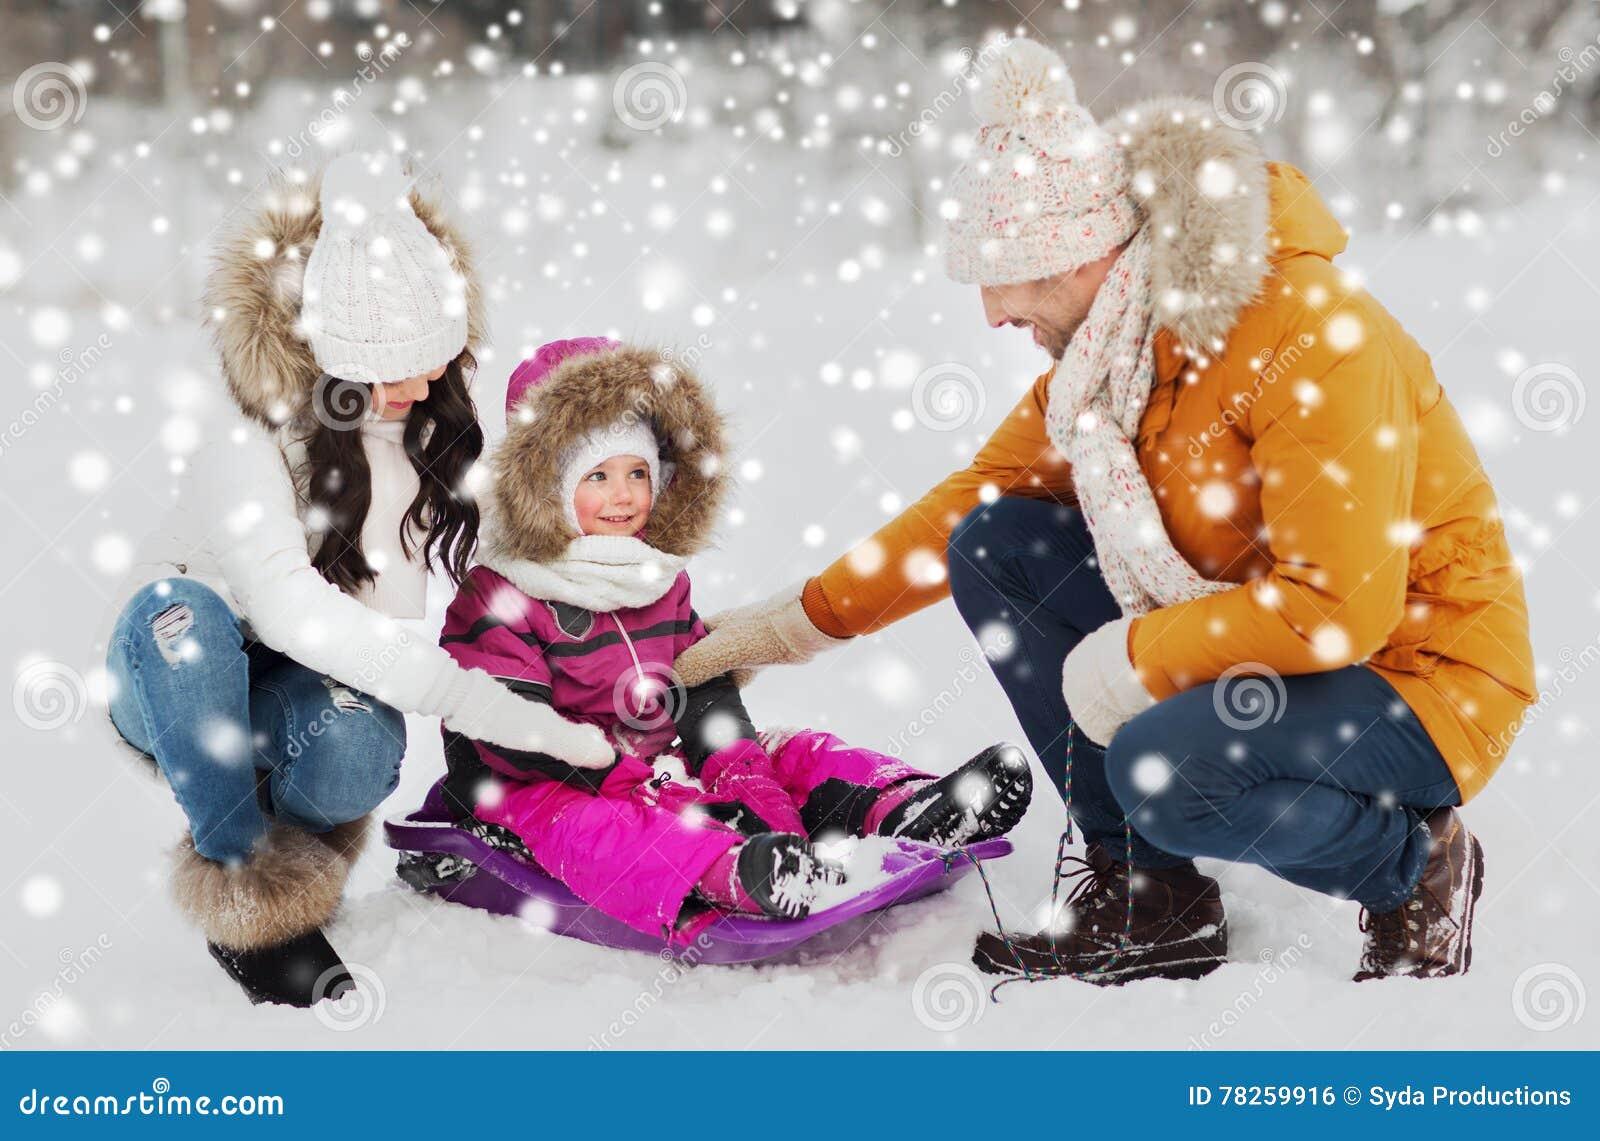 Ευτυχής οικογένεια με το έλκηθρο που περπατά στο χειμερινό δάσος